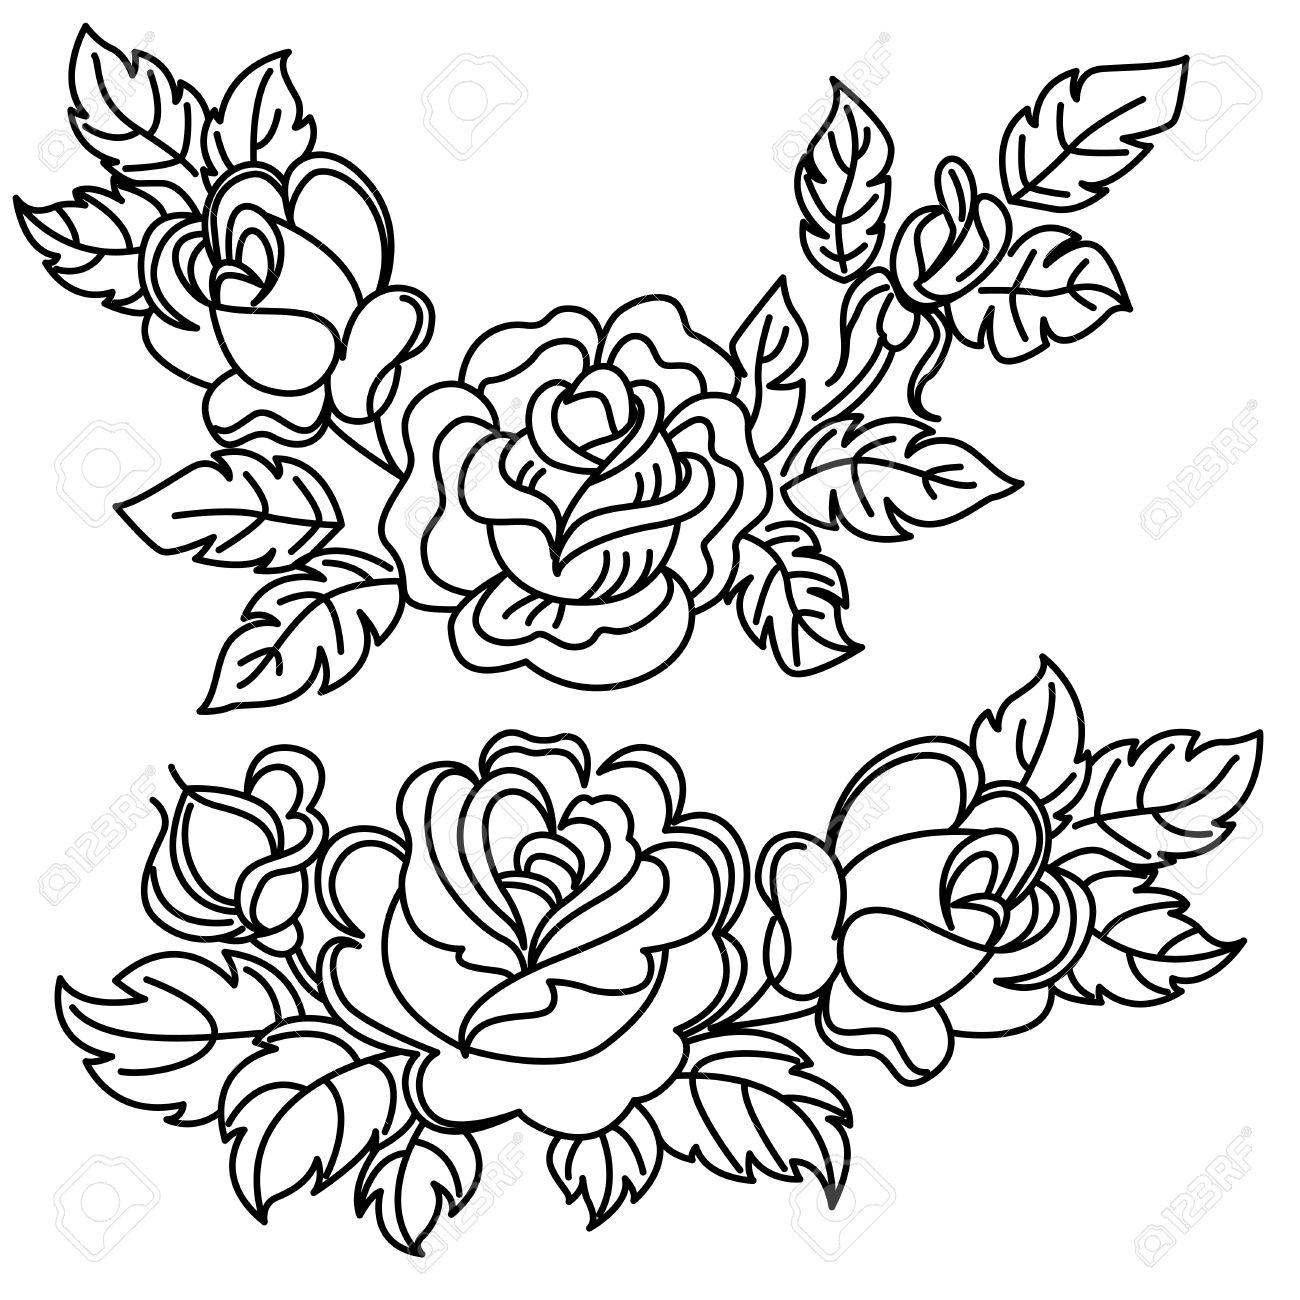 Roses, des fleurs et des feuilles. Dessin noir et blanc. Banque d